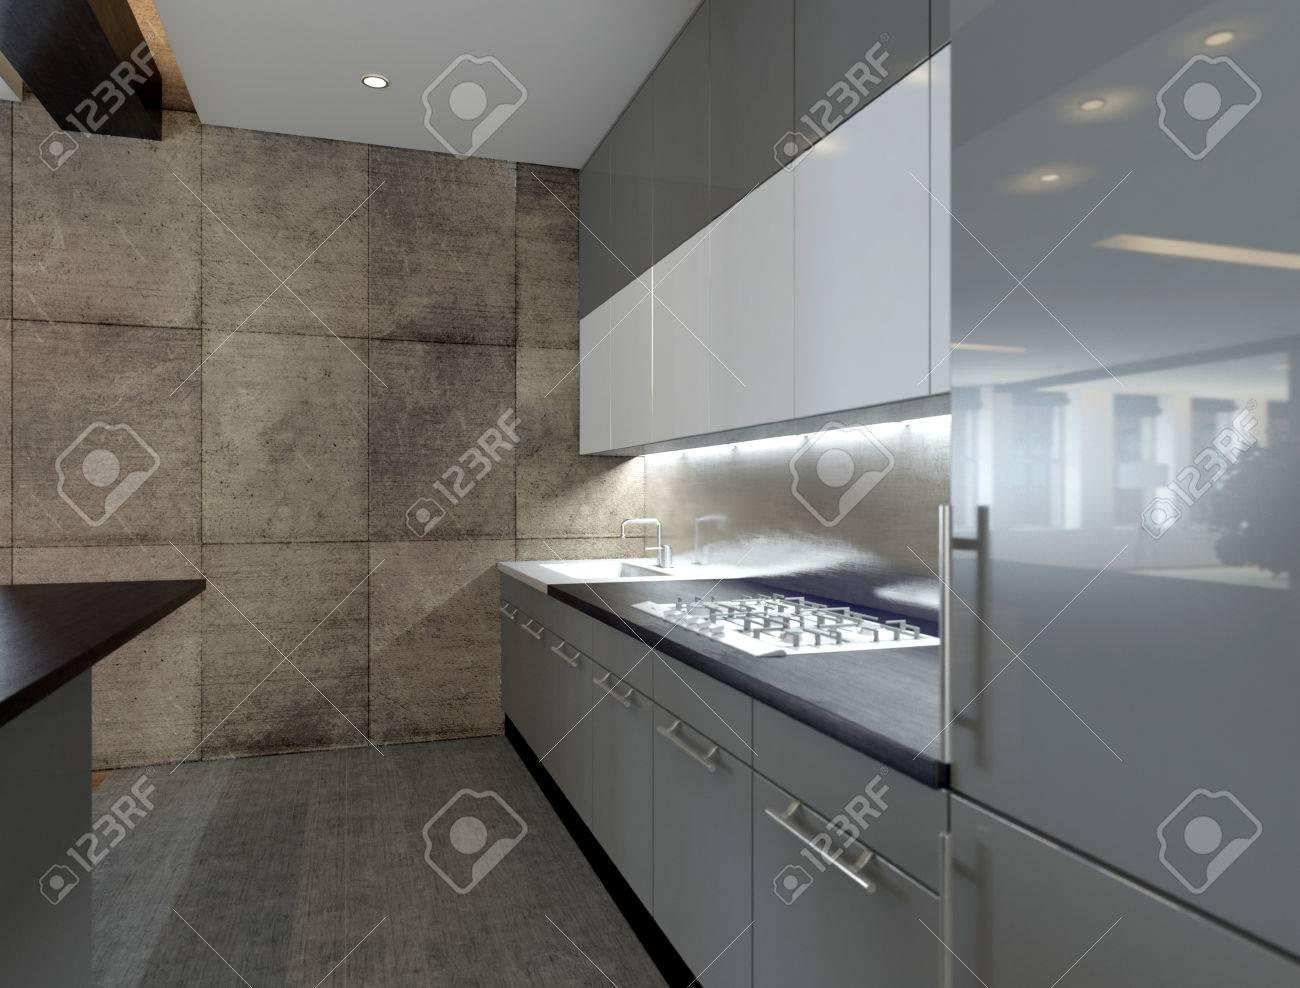 Bild Der Modernen Küche Interieur Mit Steinmauer Lizenzfreie Fotos ...